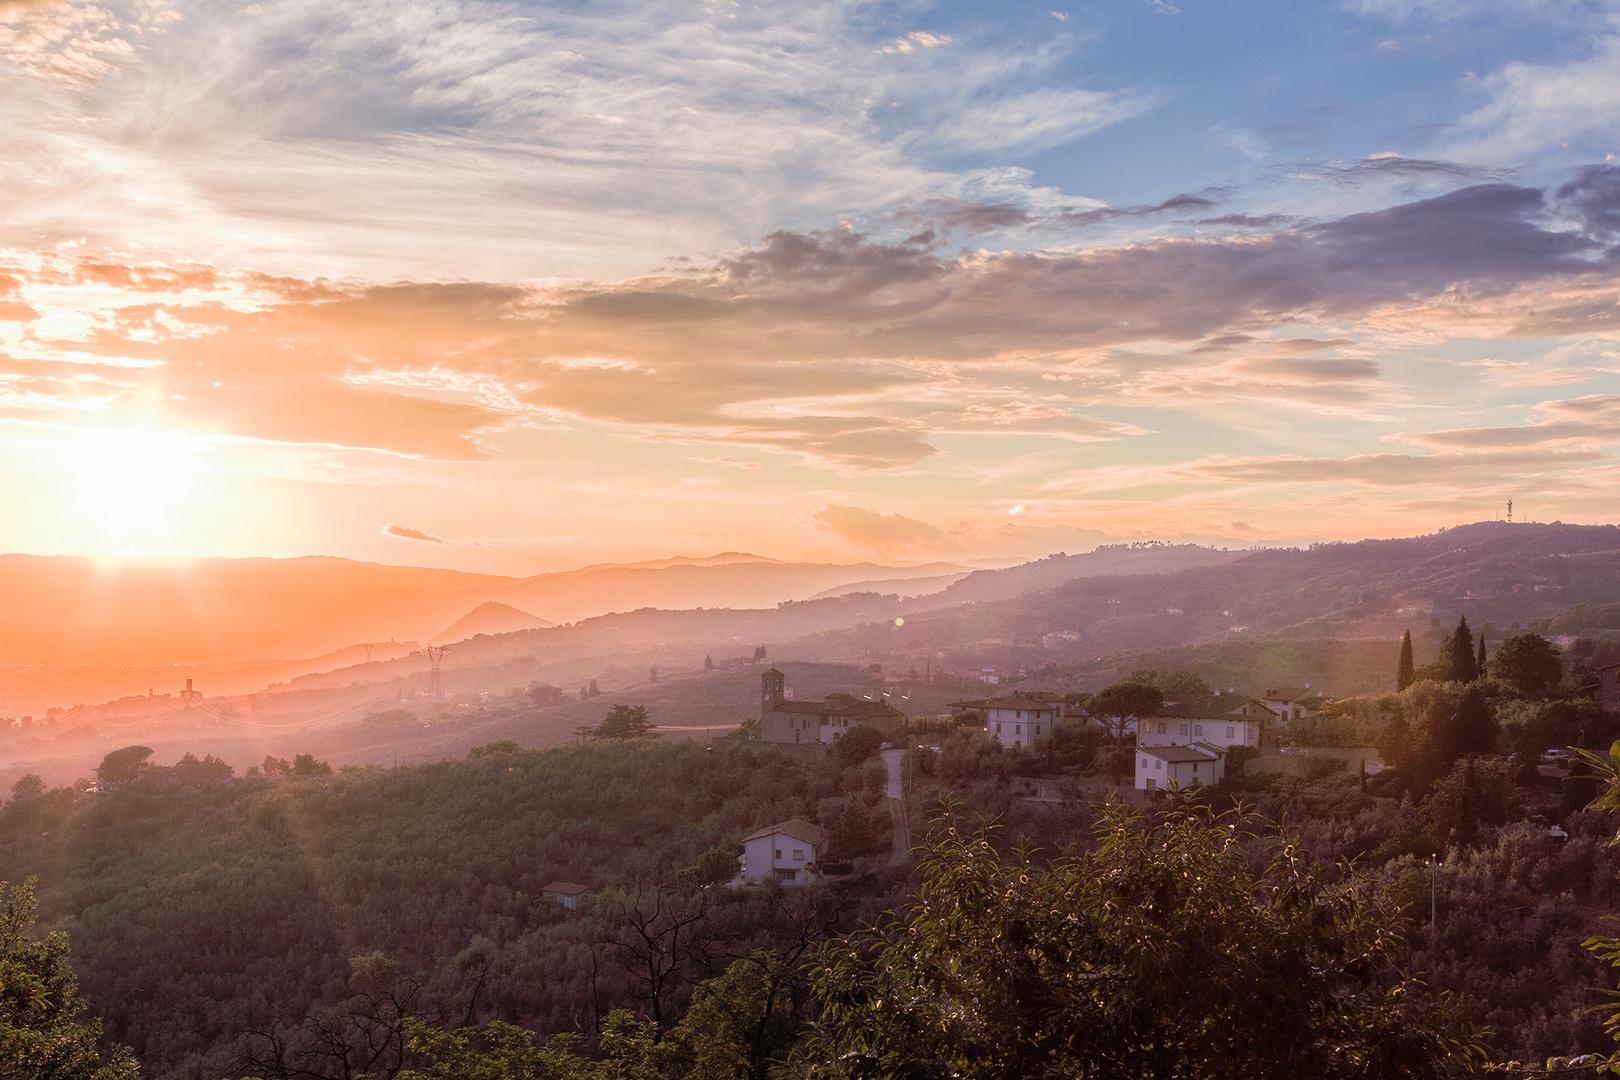 Sonnenuntergang in Lamporecchio